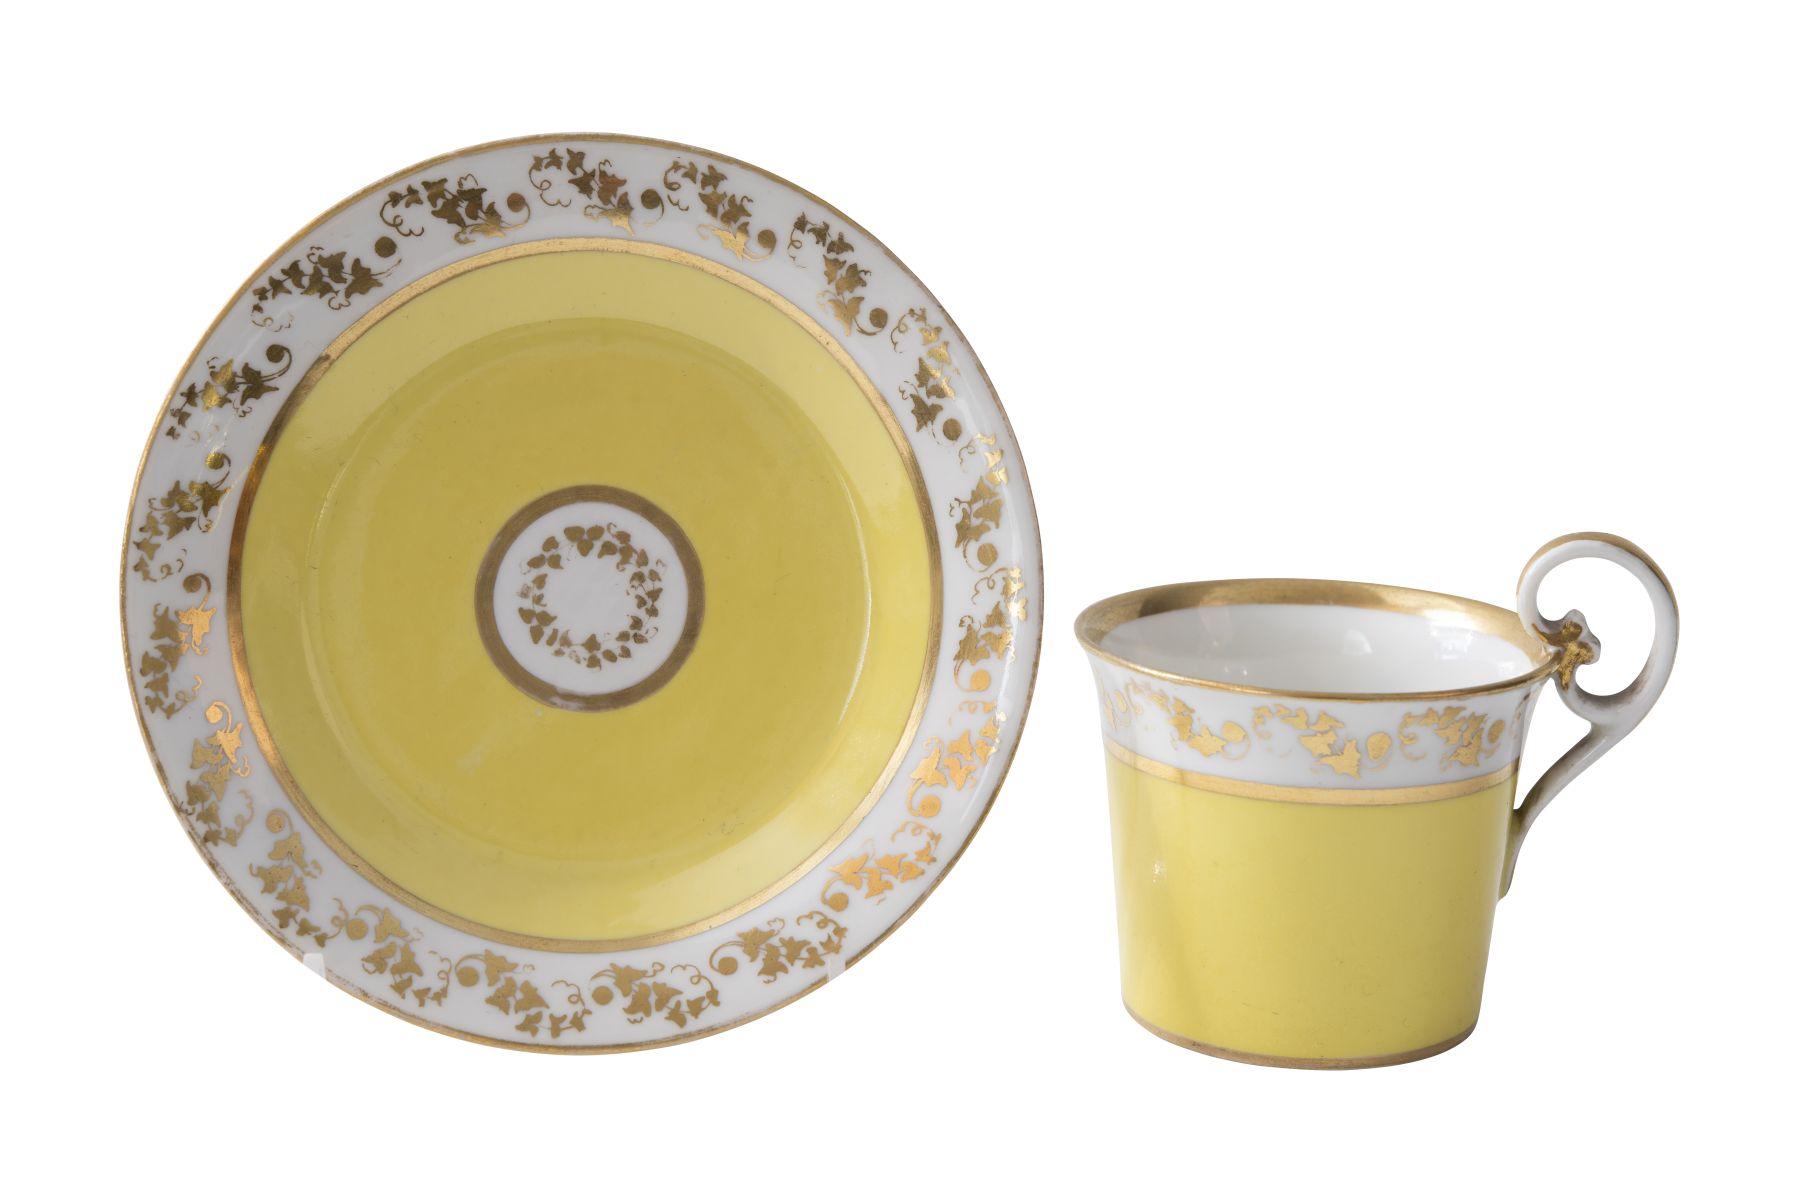 #128 Vienna porcelain cup and saucer | Wiener Porzellan Tasse und Untertasse Image